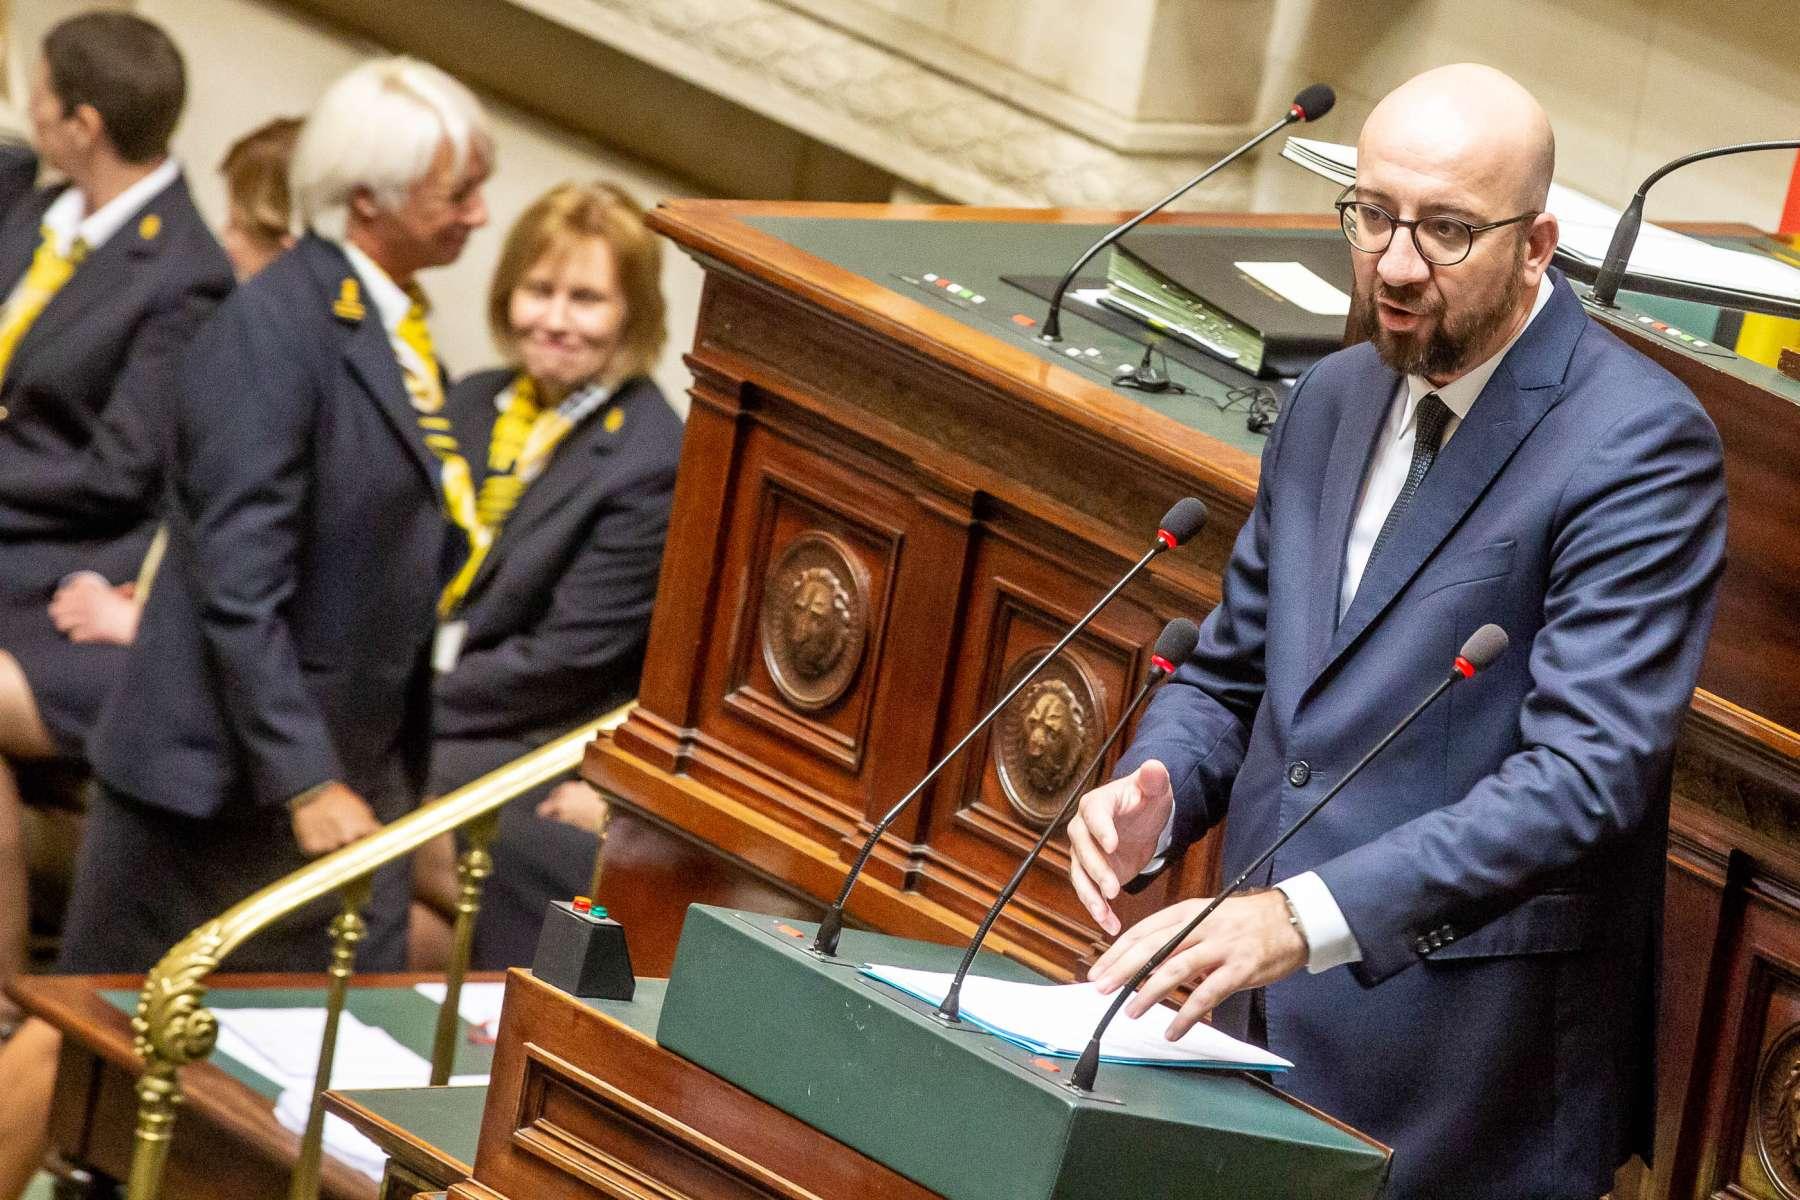 Déclaration de Gouvernement prononcée par le Premier ministre Charles Michel